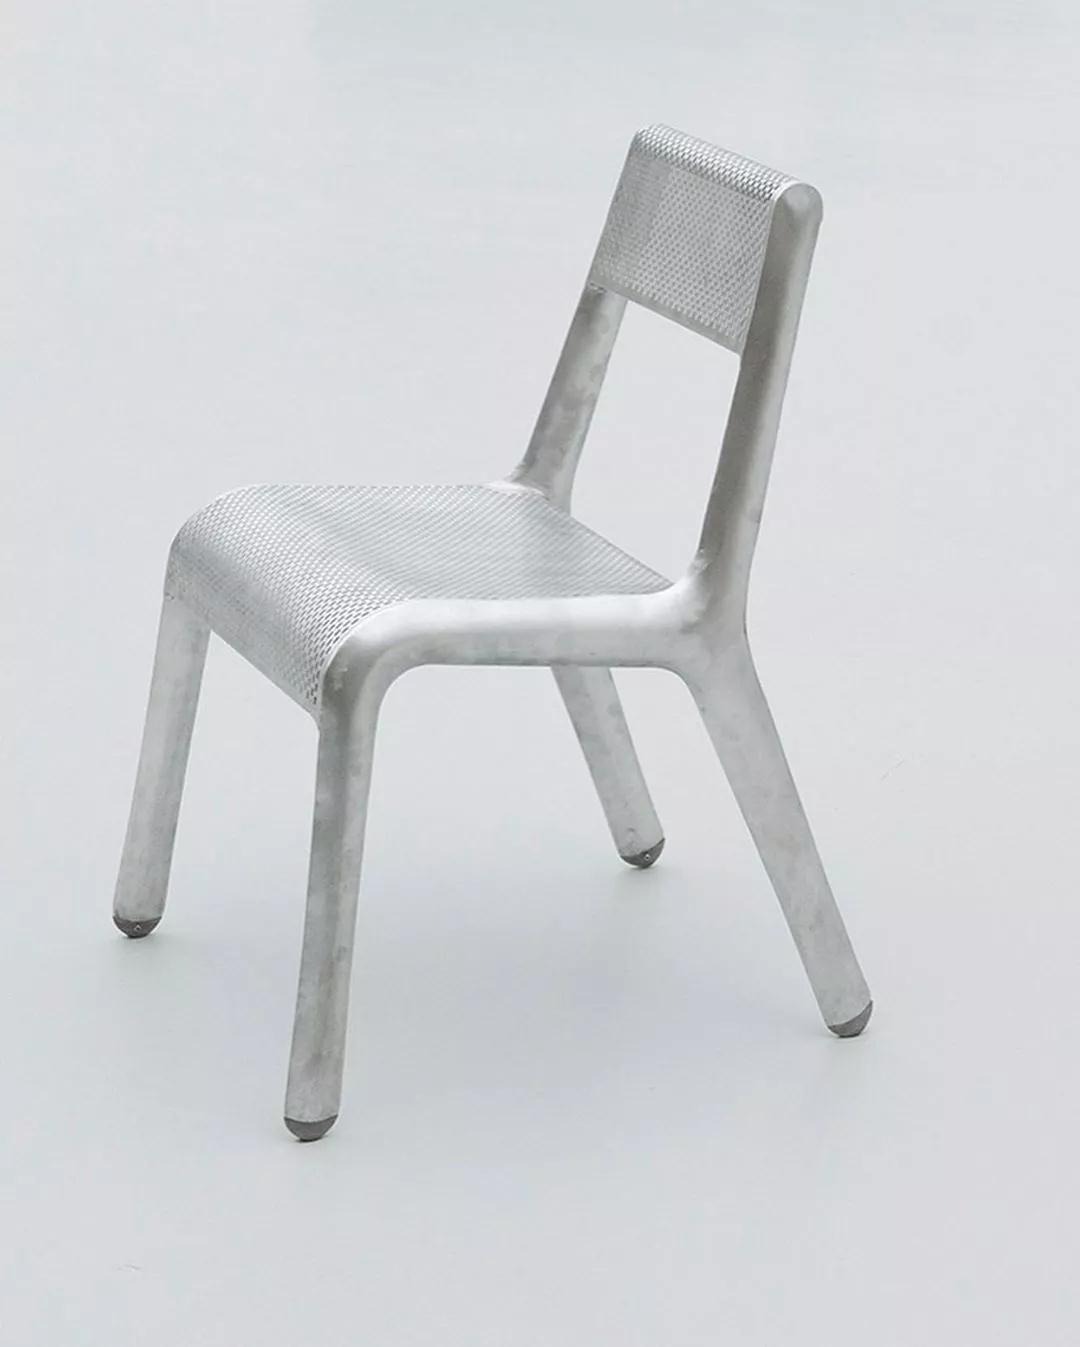 鑫广意金属餐桌椅设计的境界是亲近自然效法自然诗意油然而生